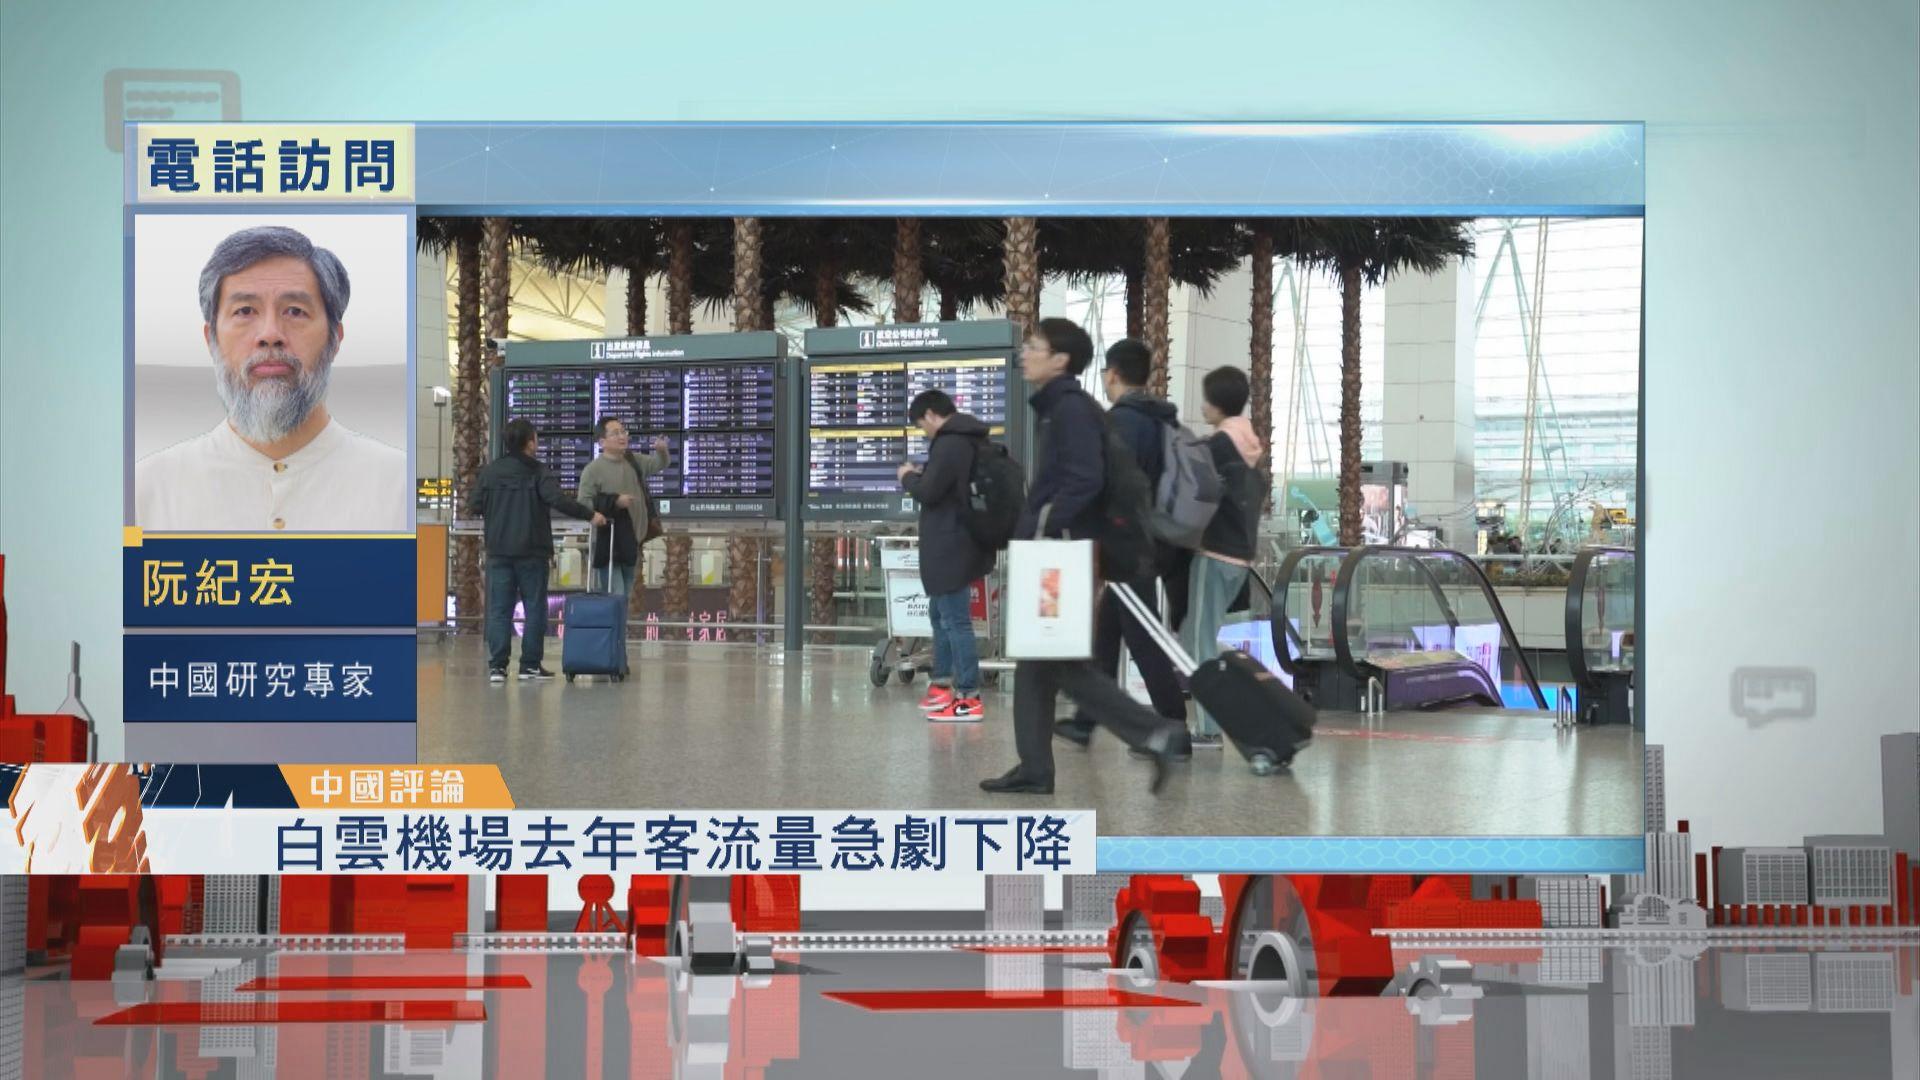 【中國評論】白雲機場客流量大減反成全國第一大機場